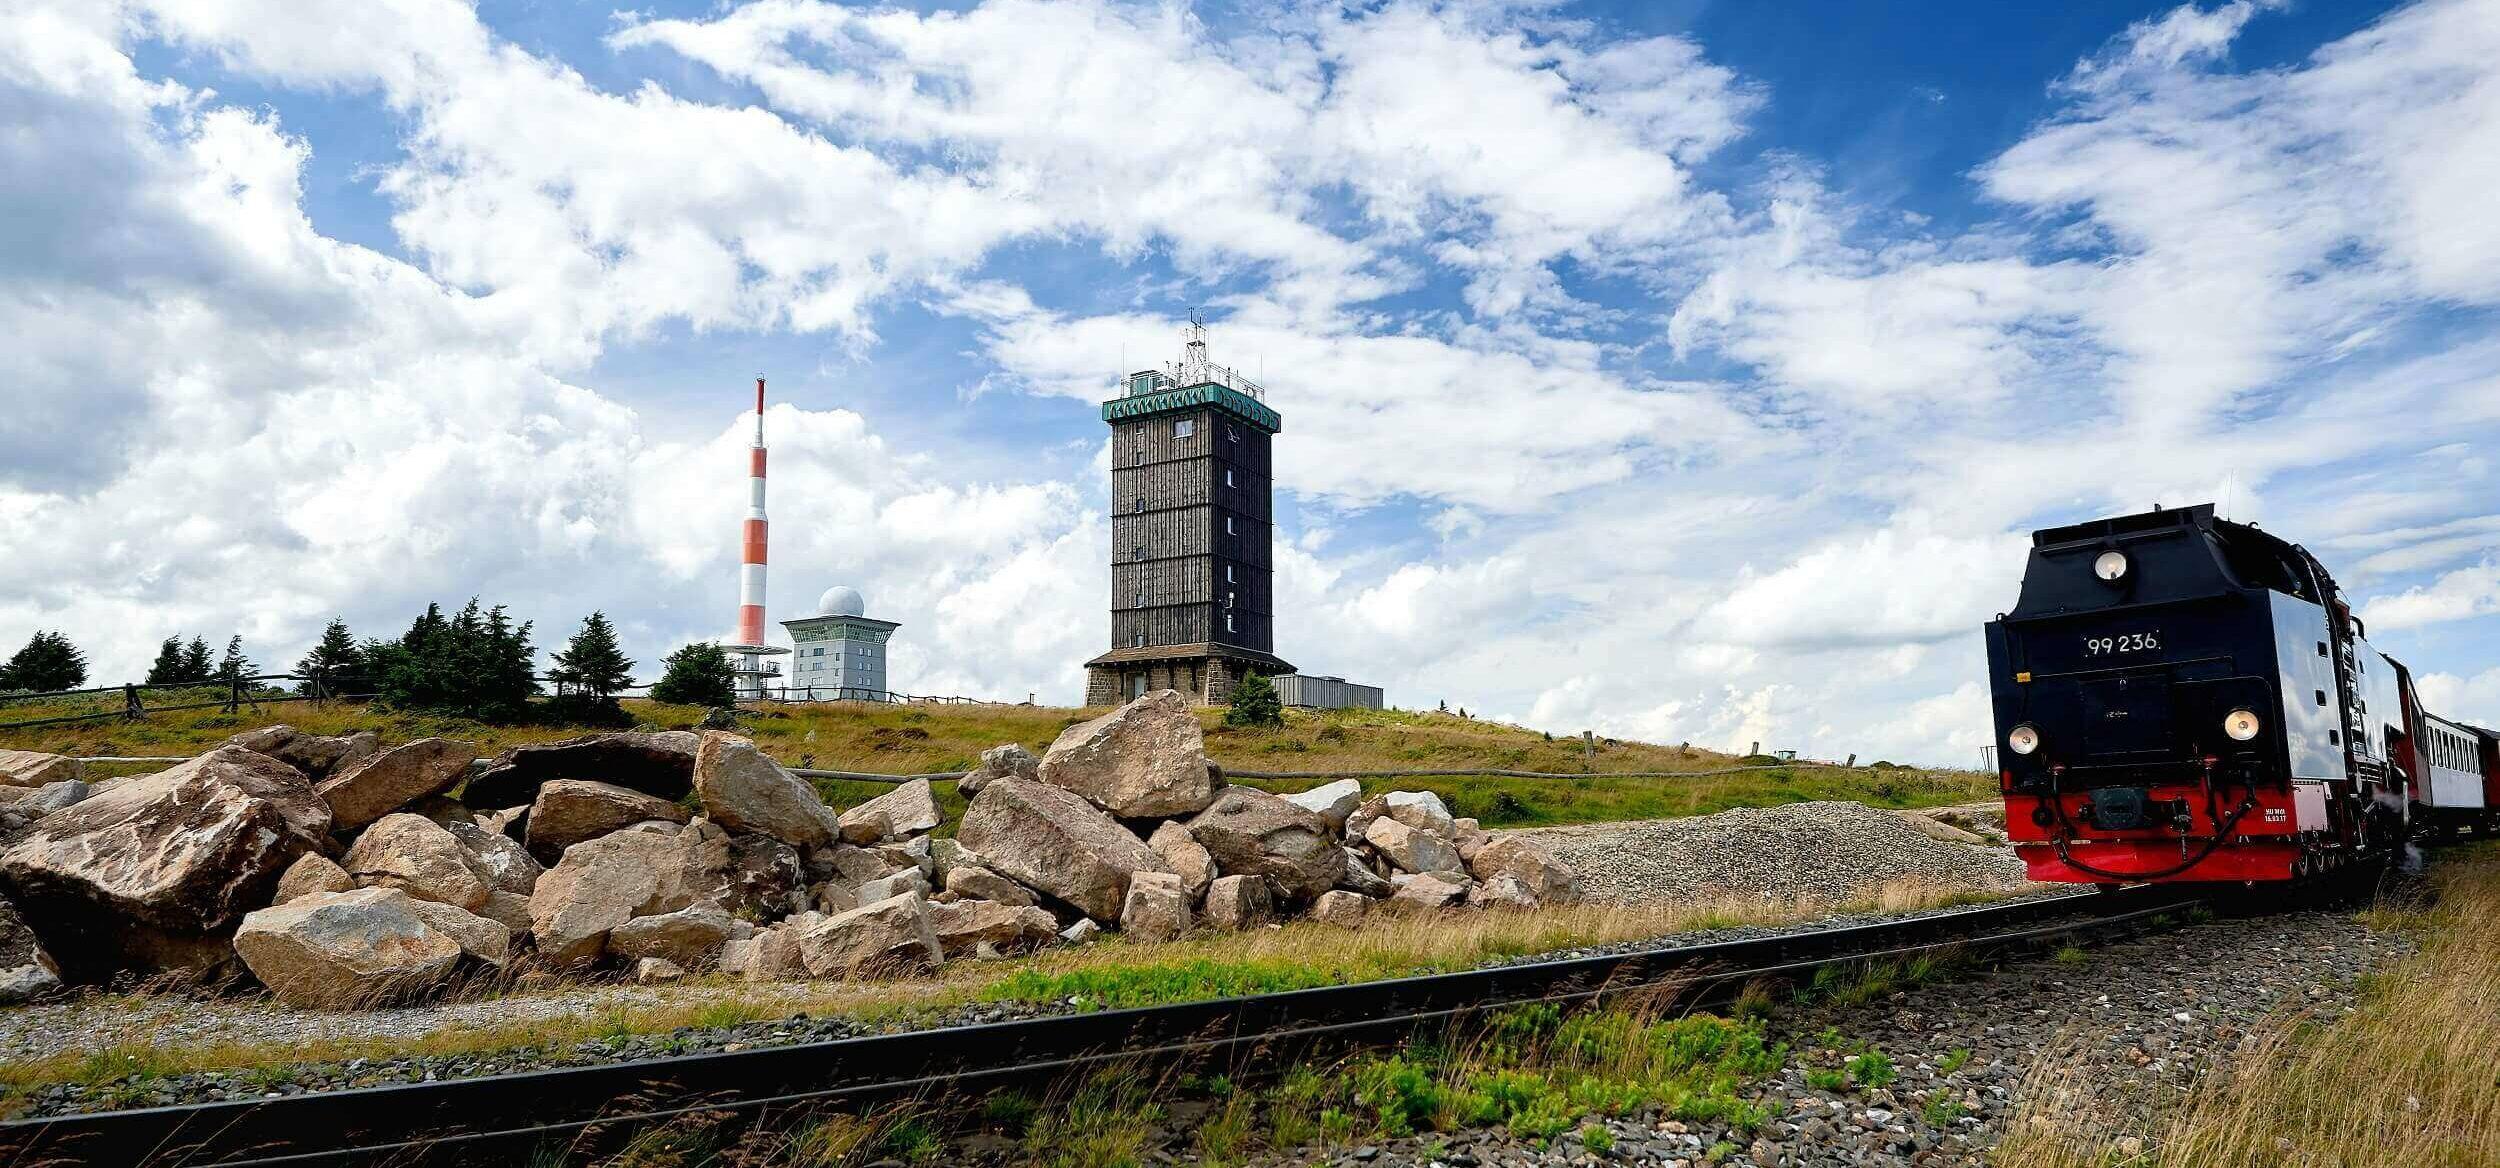 Brockenbahn der Harzer Schmalspurbahn